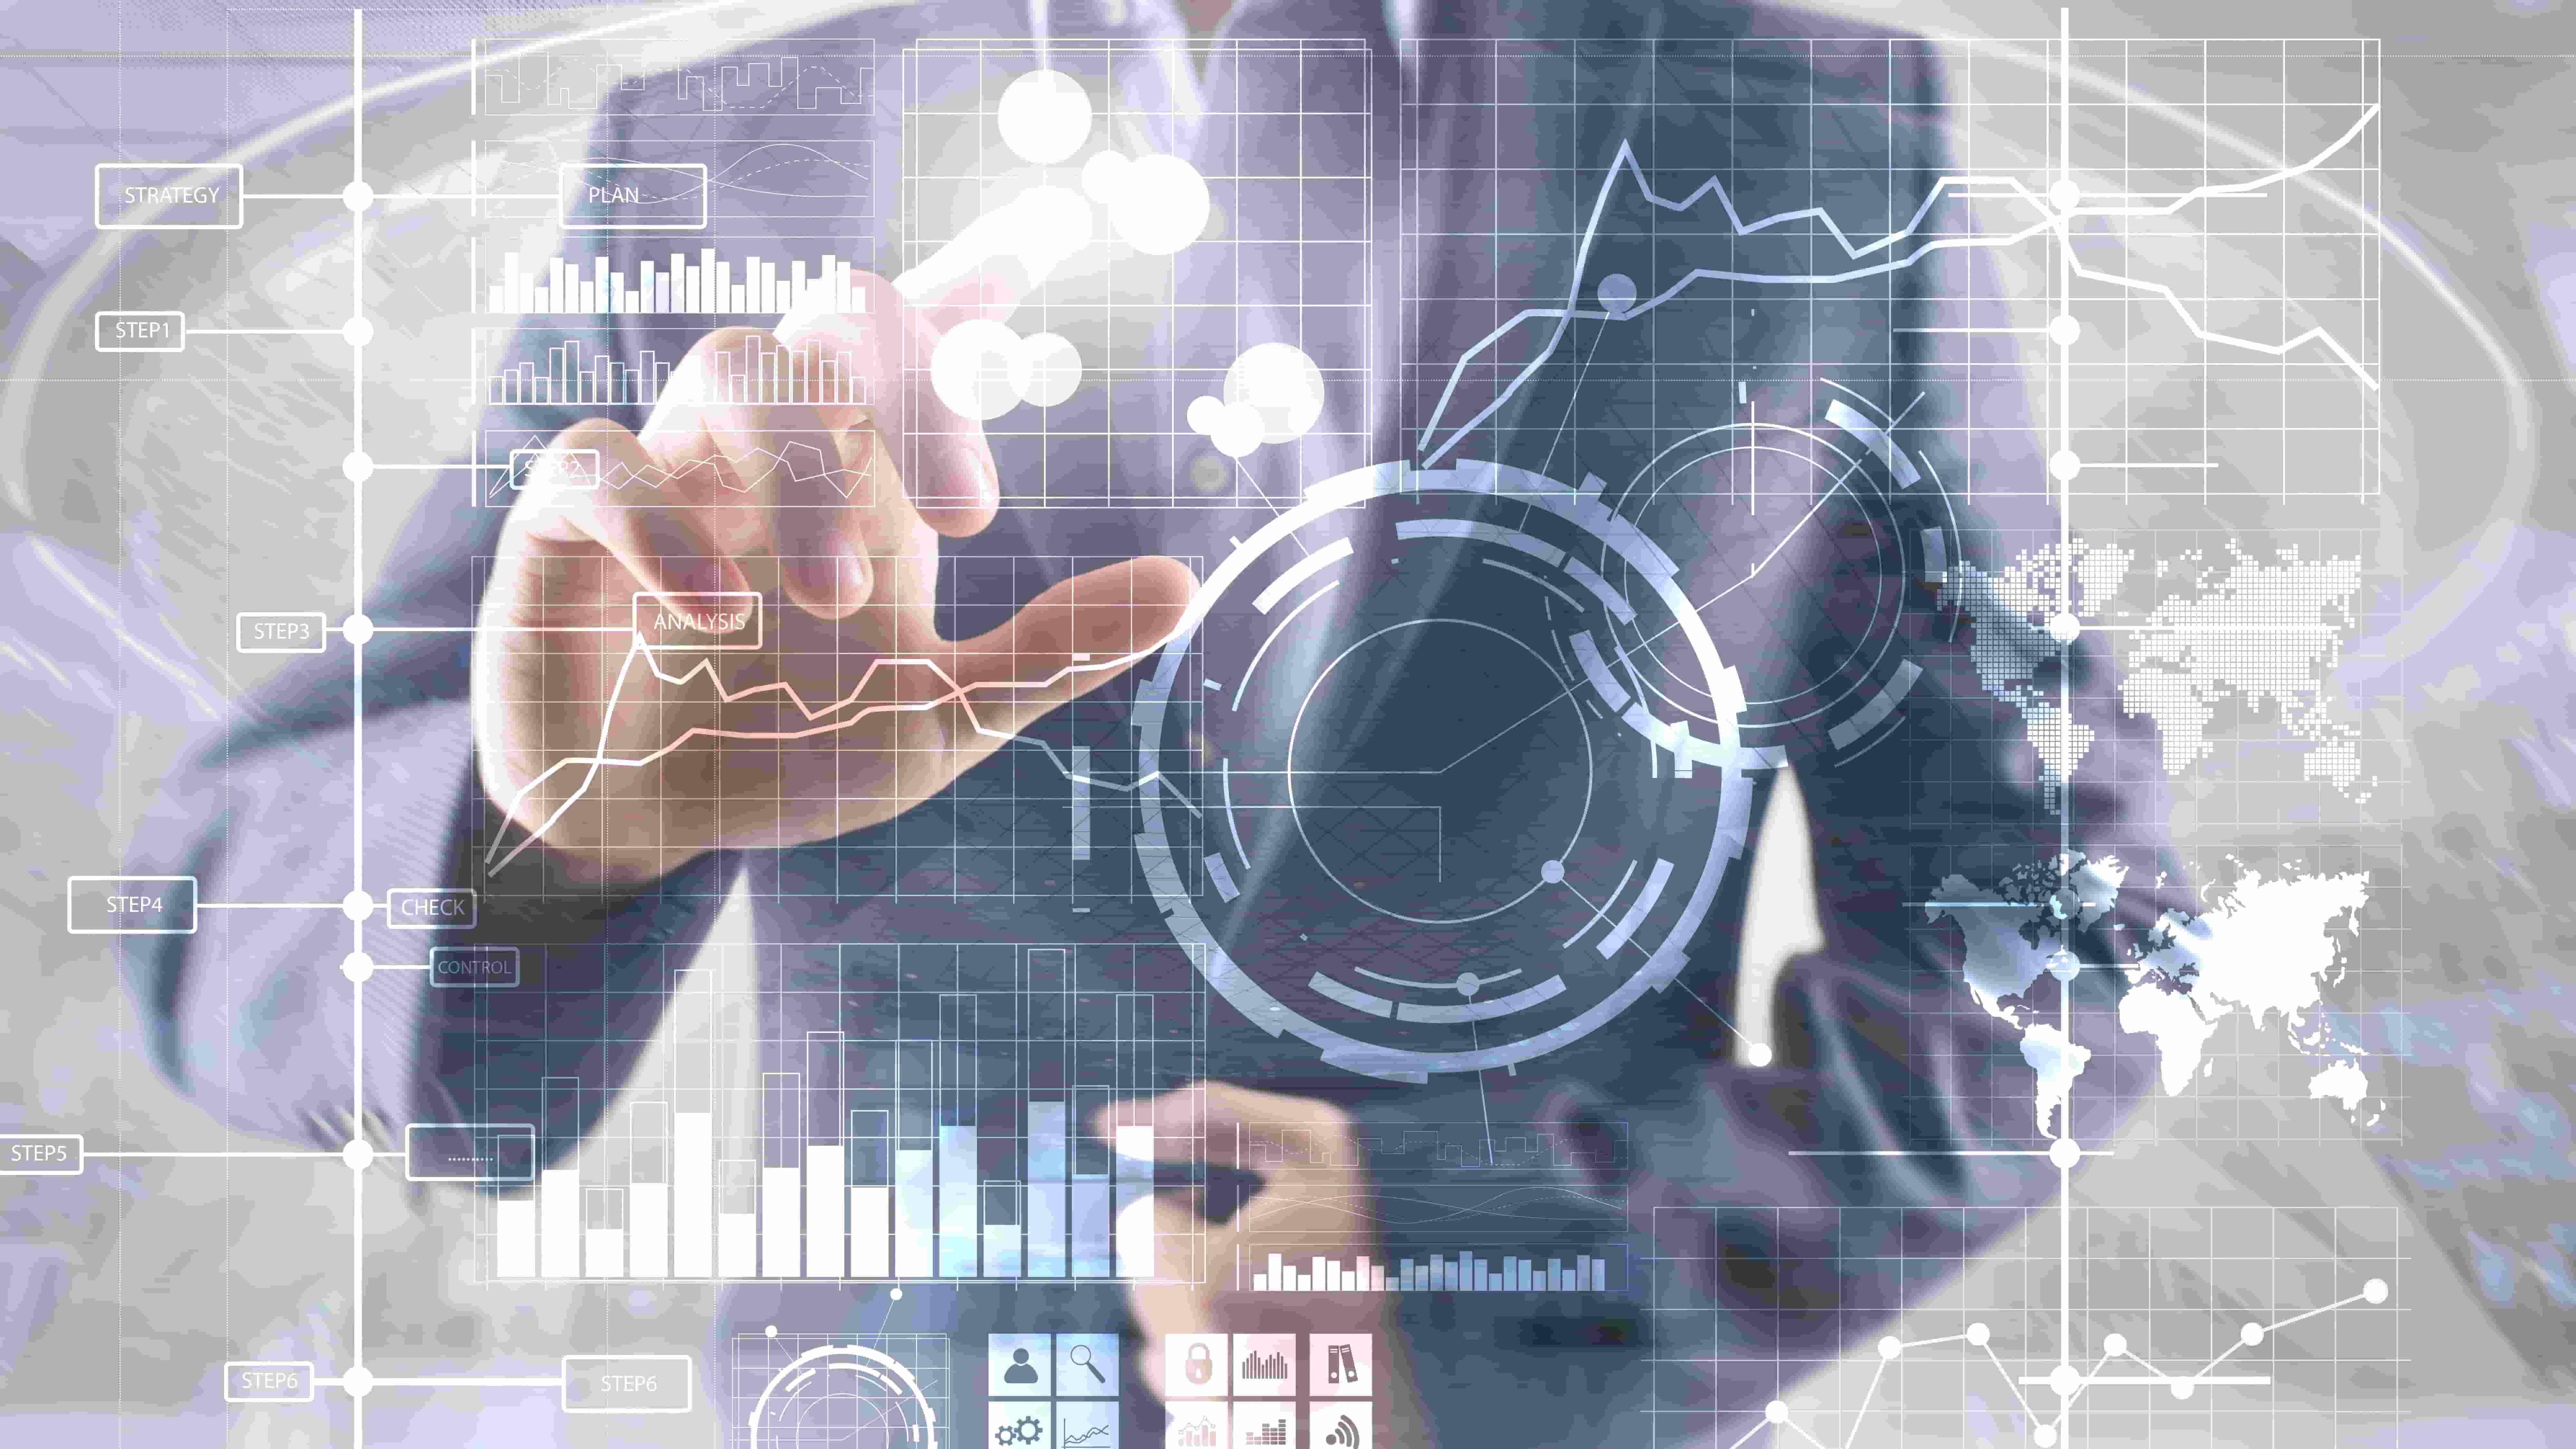 Principios de Big Data, Analítica e Inteligencia Artificial